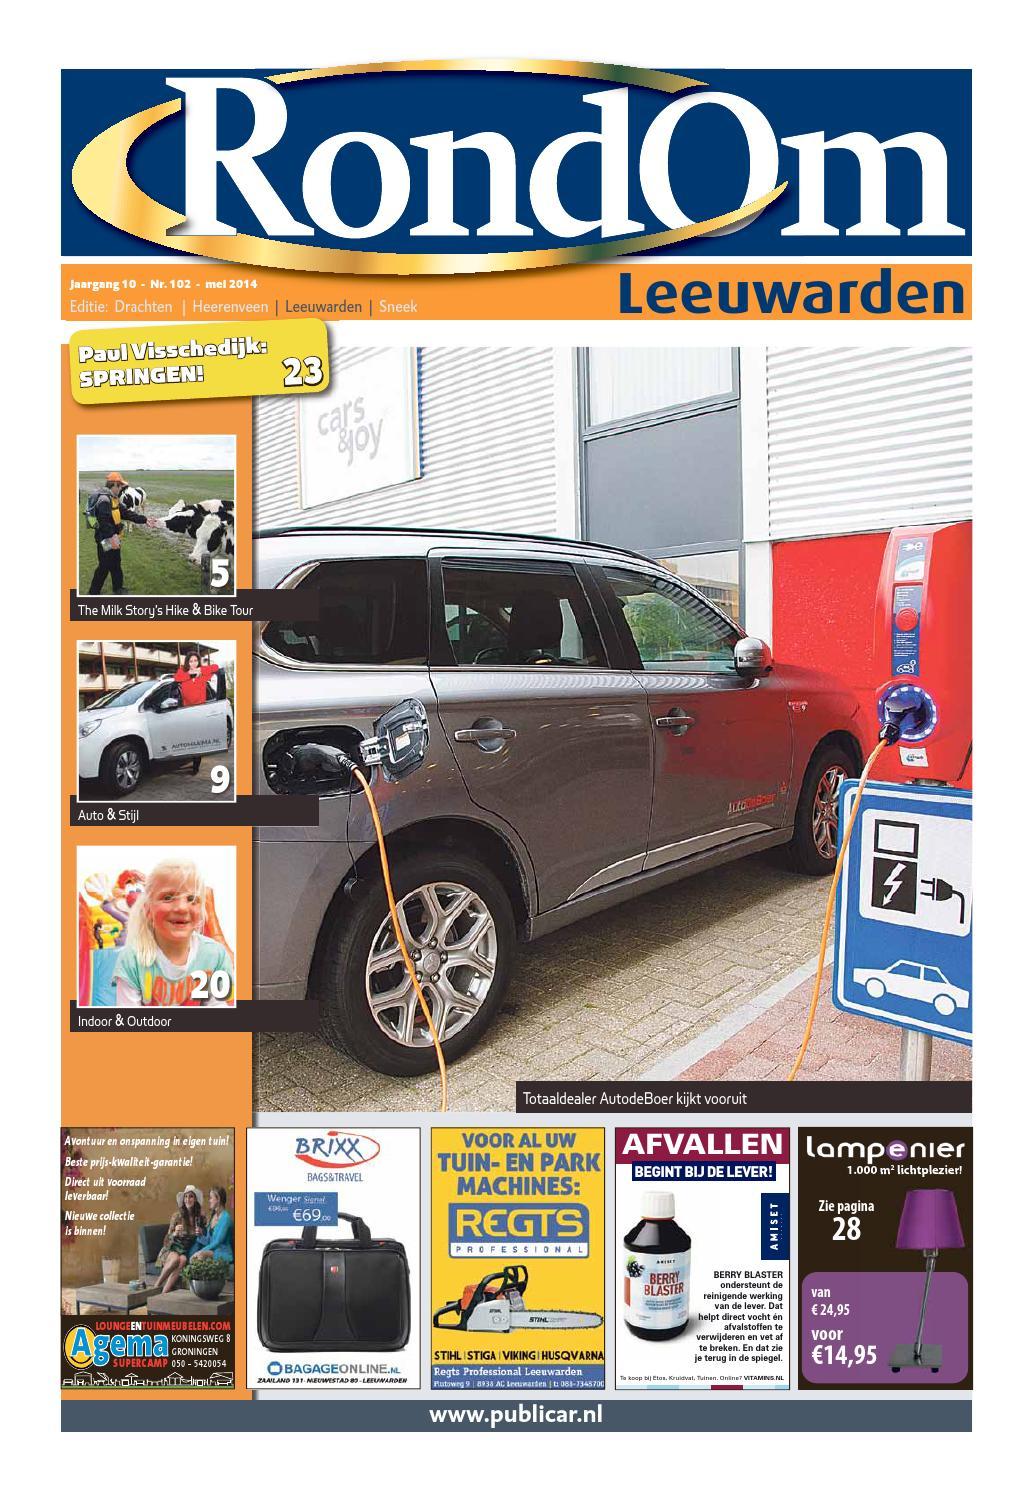 RondOm Leeuwarden 102-05 mei 2014 by Publicar BV - issuu